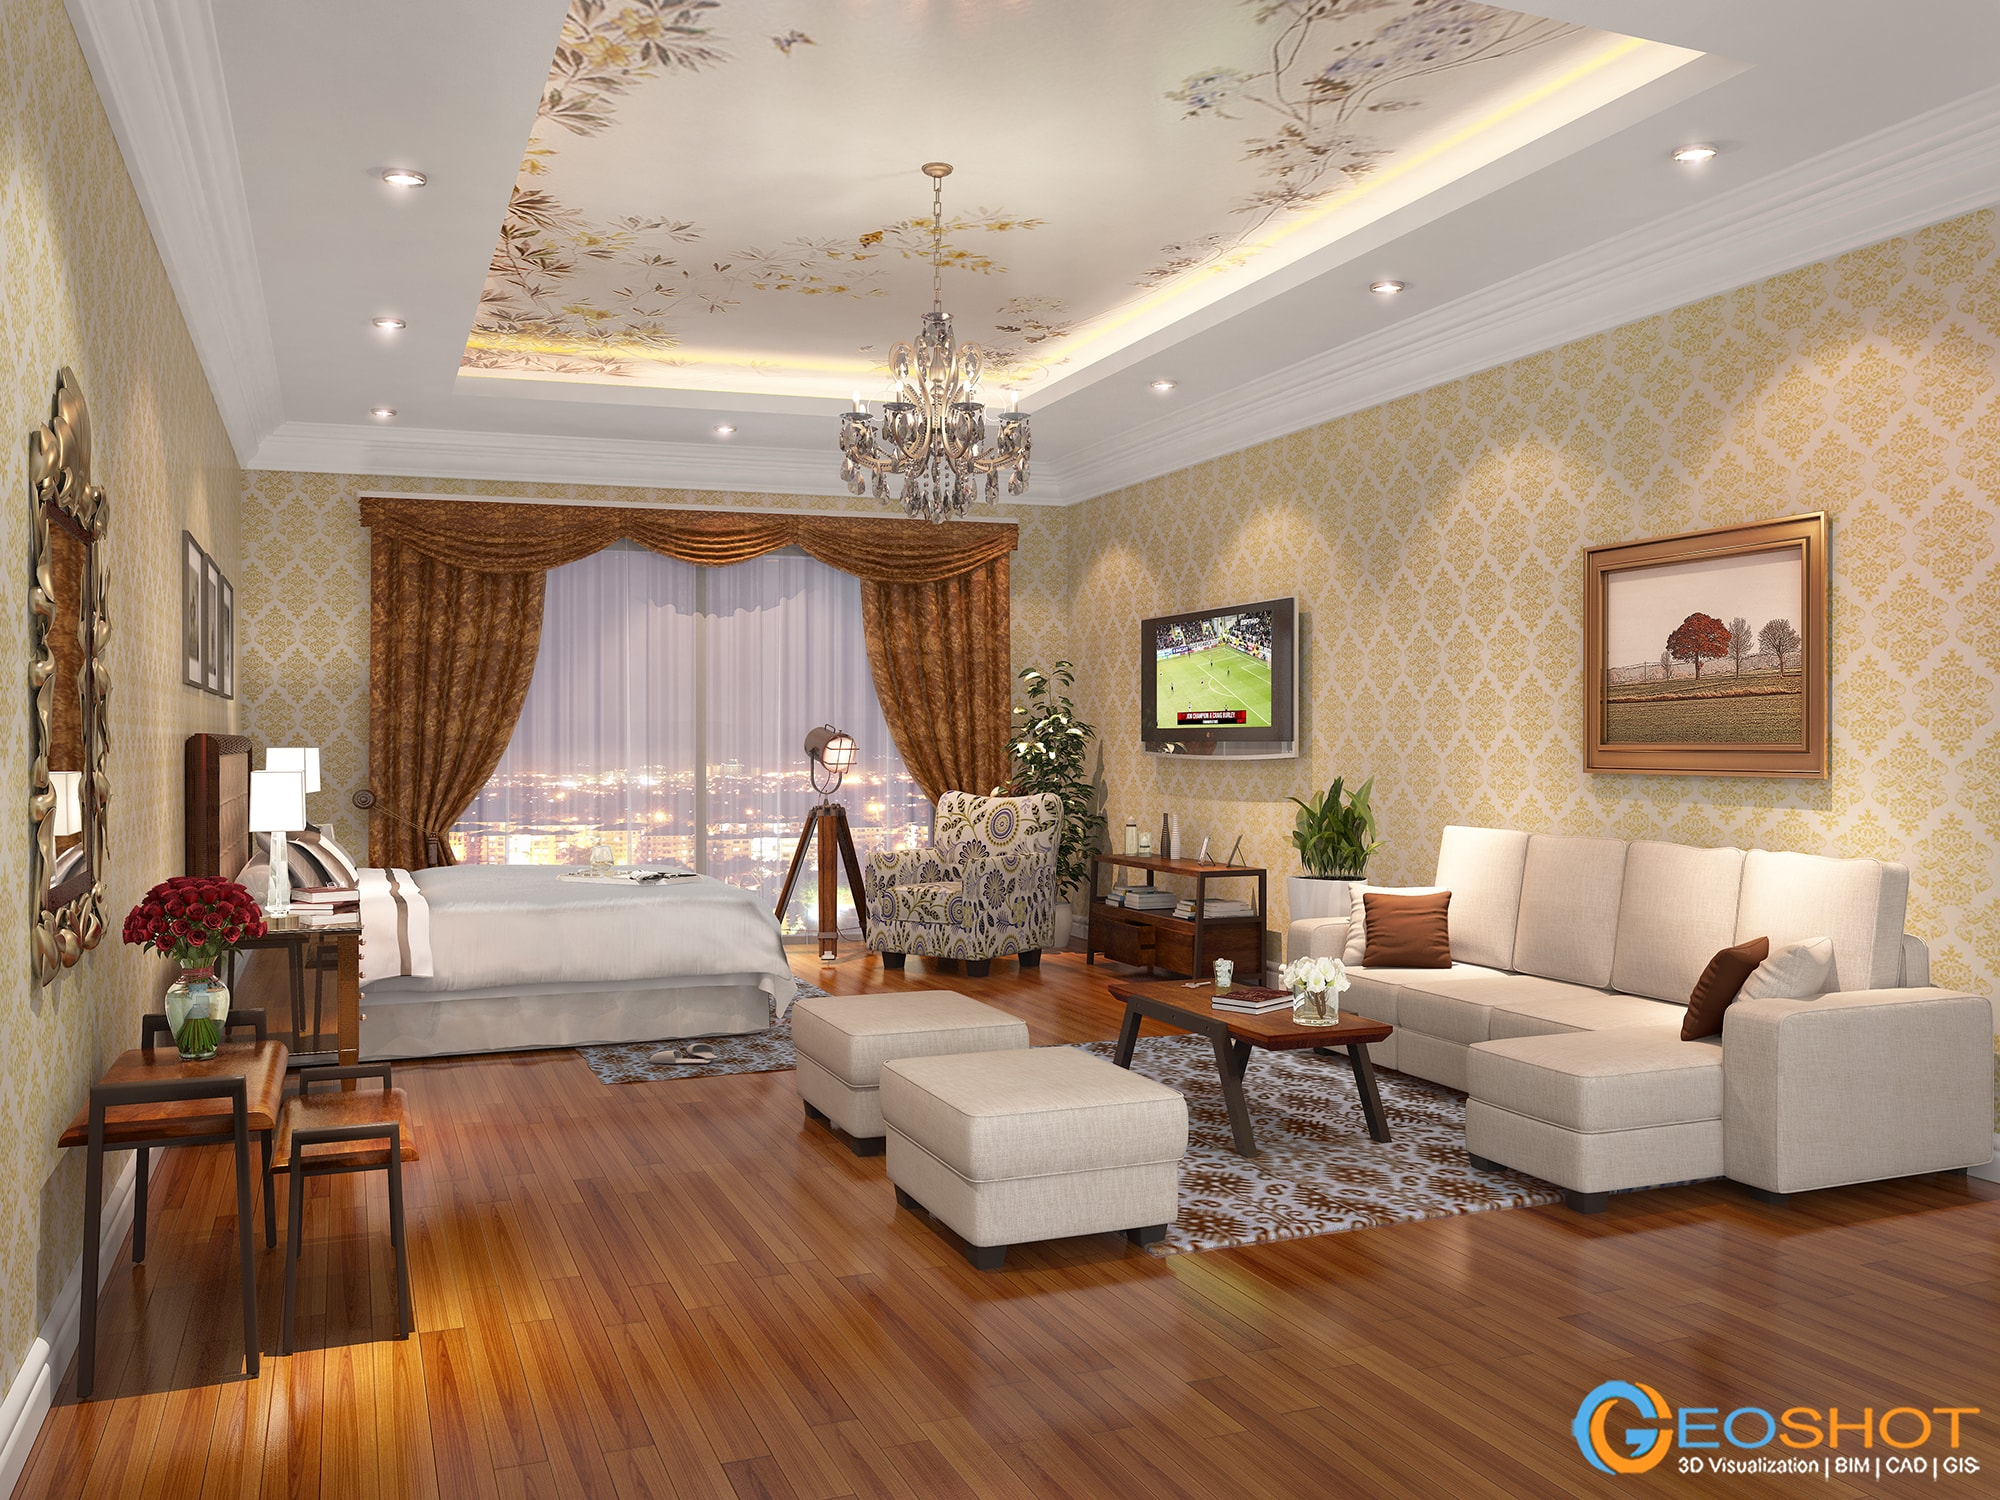 Renders 3d For Master Bedroom Project: Interior Design Rendering